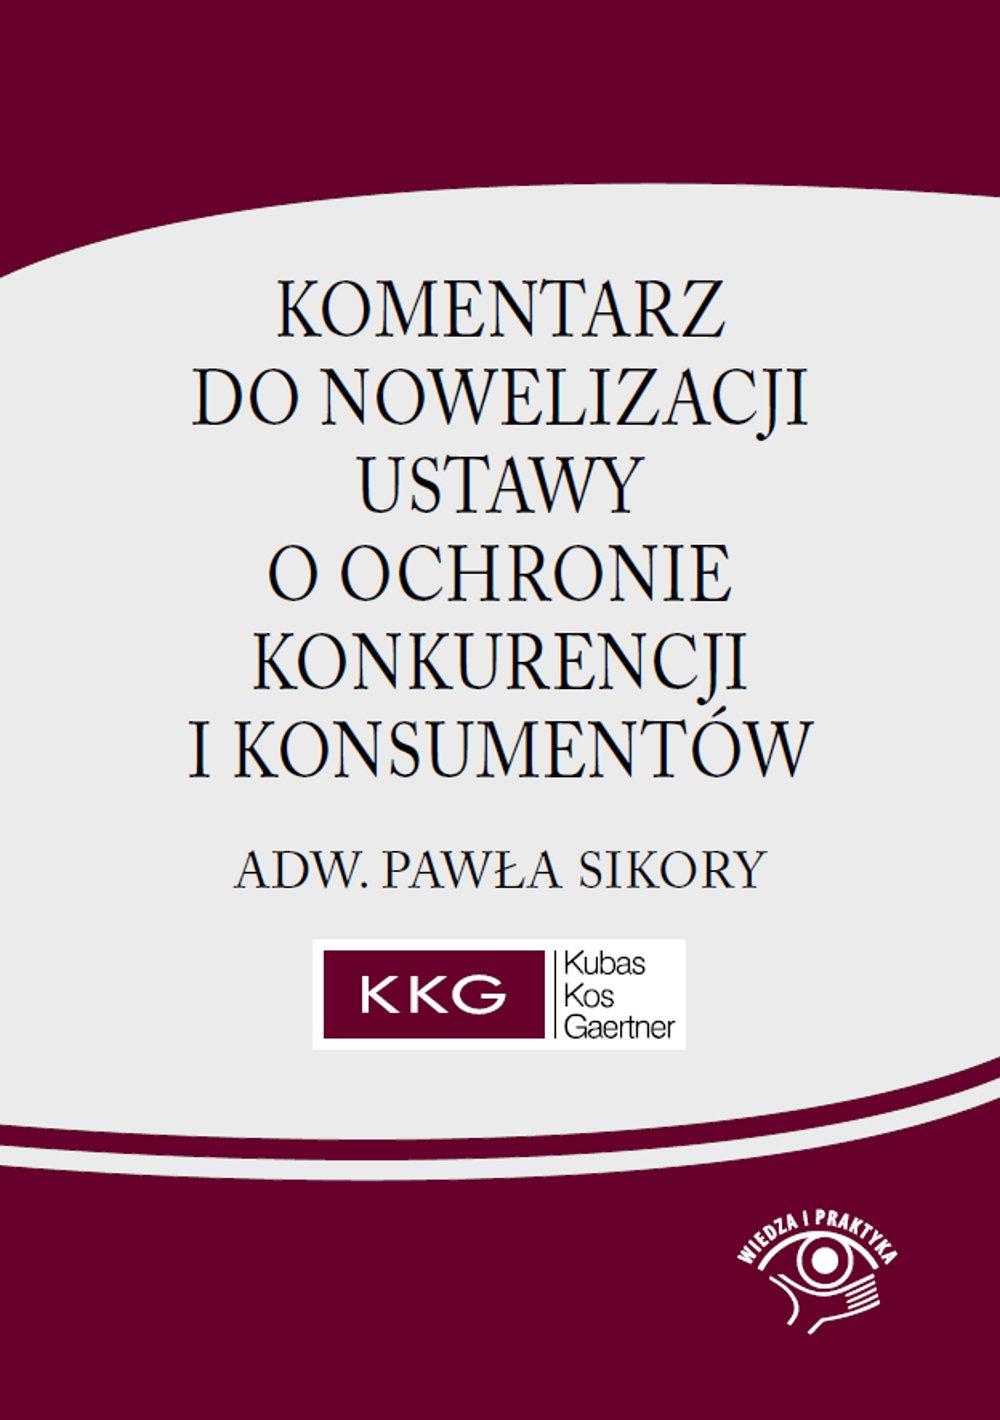 Komentarz do nowelizacji ustawy o ochronie konkurencji i konsumentów adw. Pawła Sikory - Ebook (Książka na Kindle) do pobrania w formacie MOBI